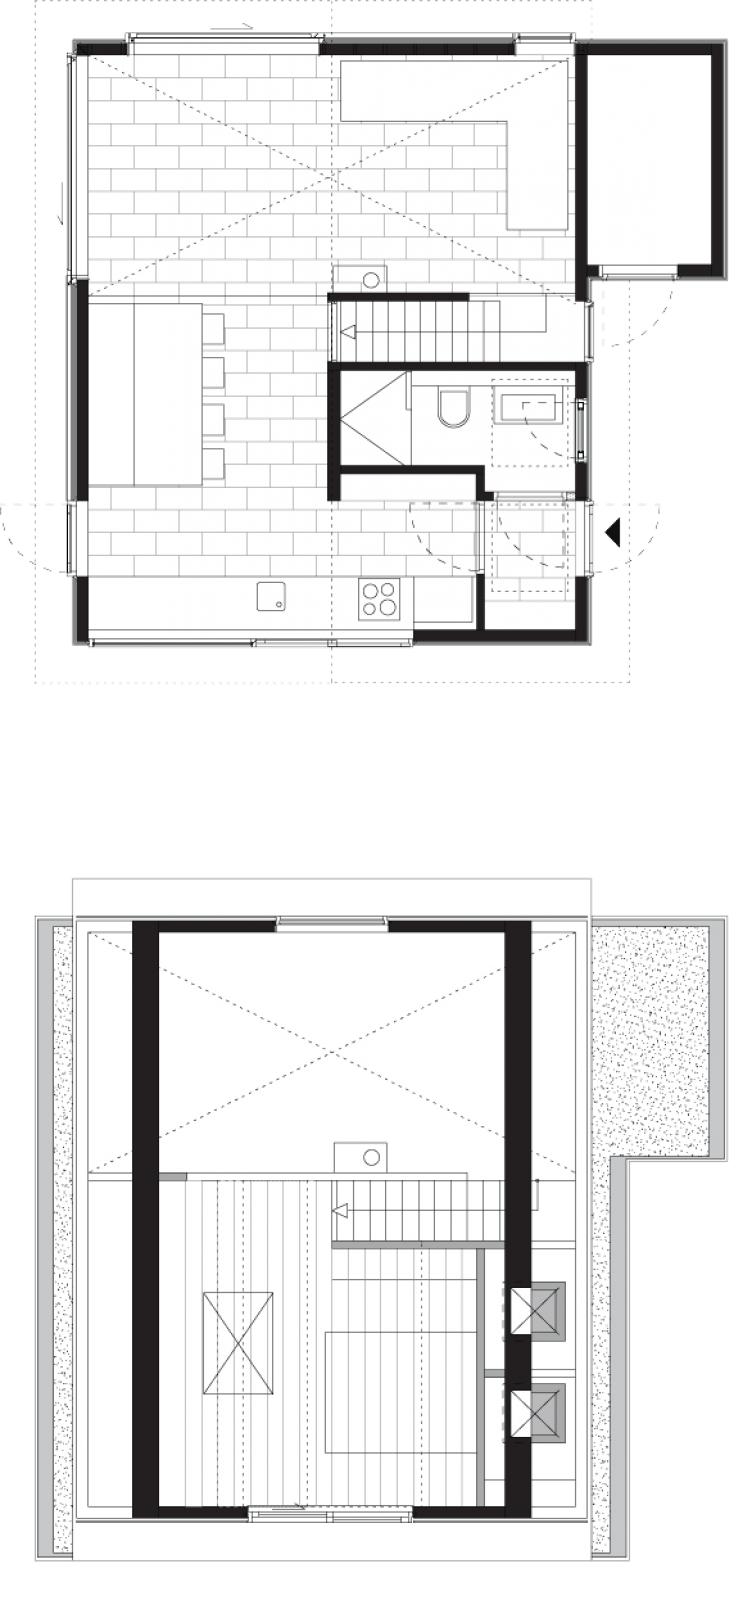 Egelshoek Plan Huis 2